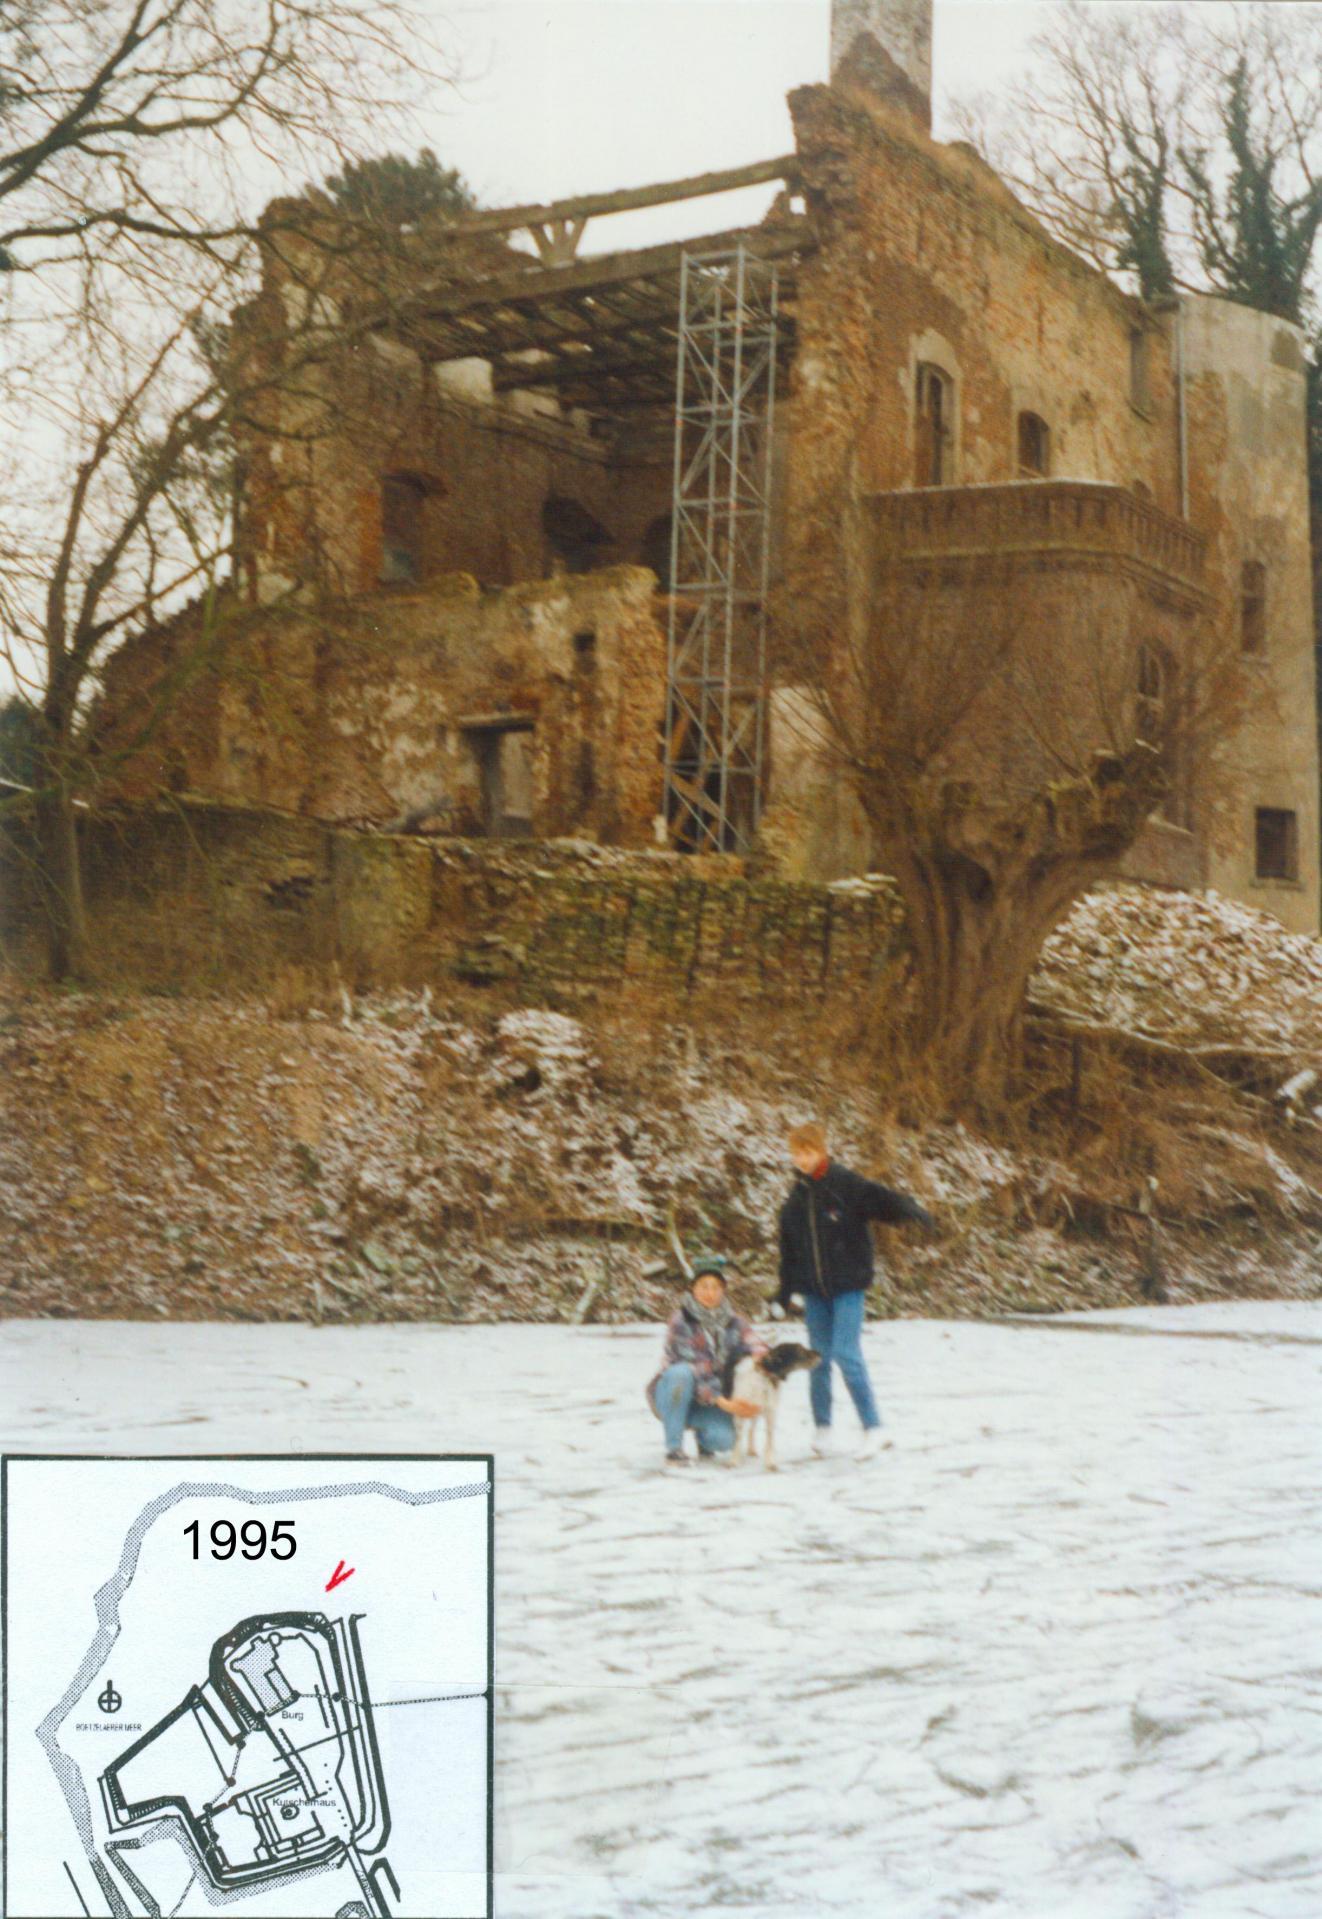 Foto 1995 v. Nordosten – Totalruine